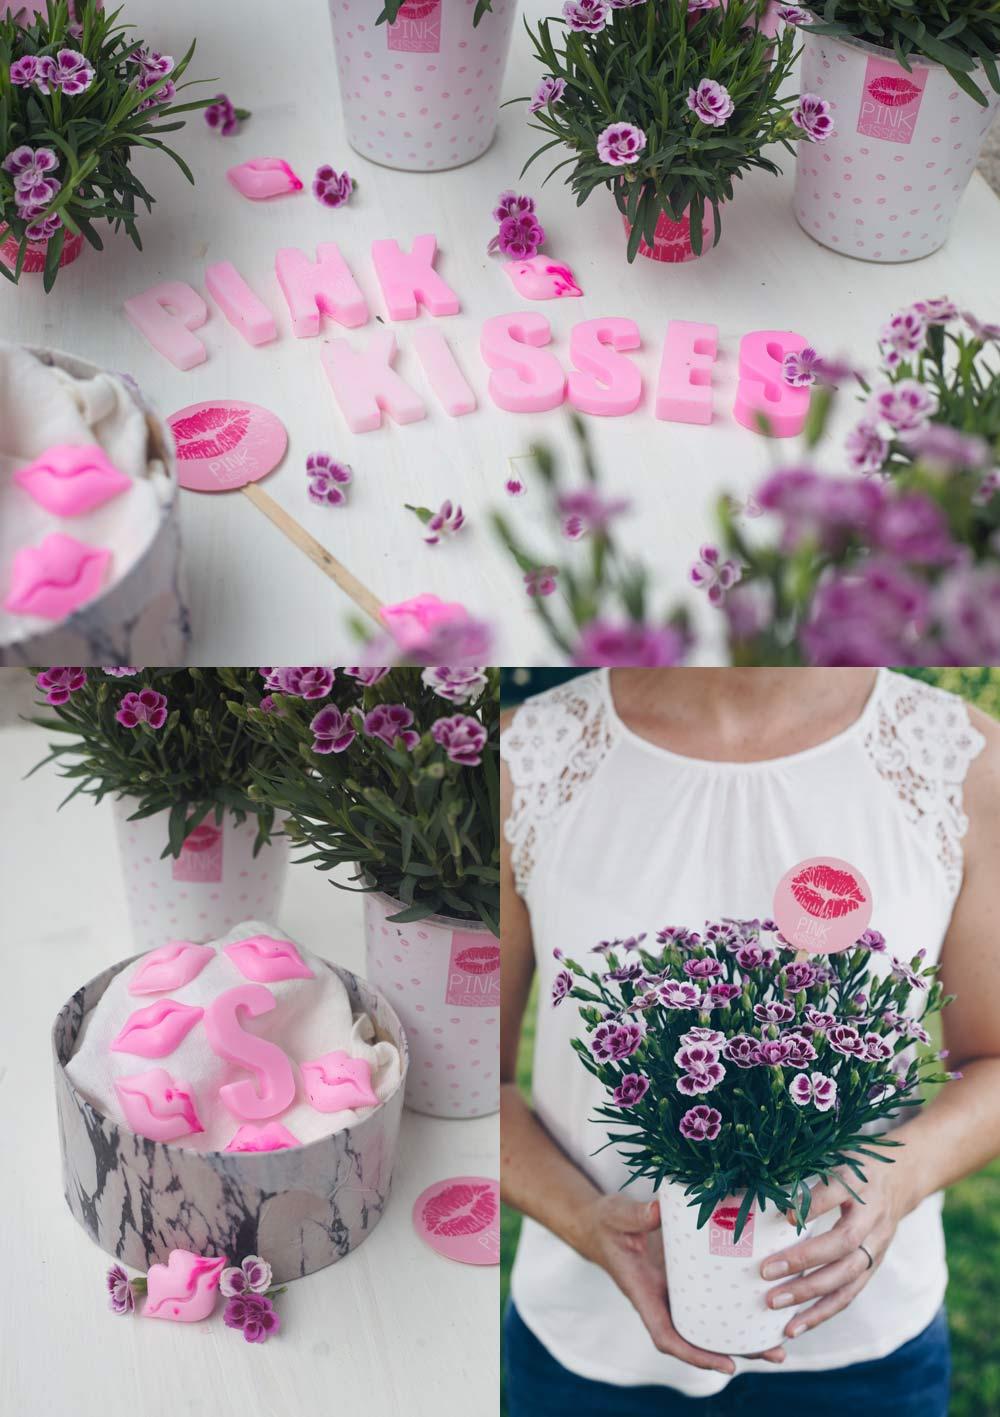 DIY Geschenkkorb für die beste Freundin im Marmorlook mit Pink Kisses Mininelken zum Verschenken und Buchstaben Seifen